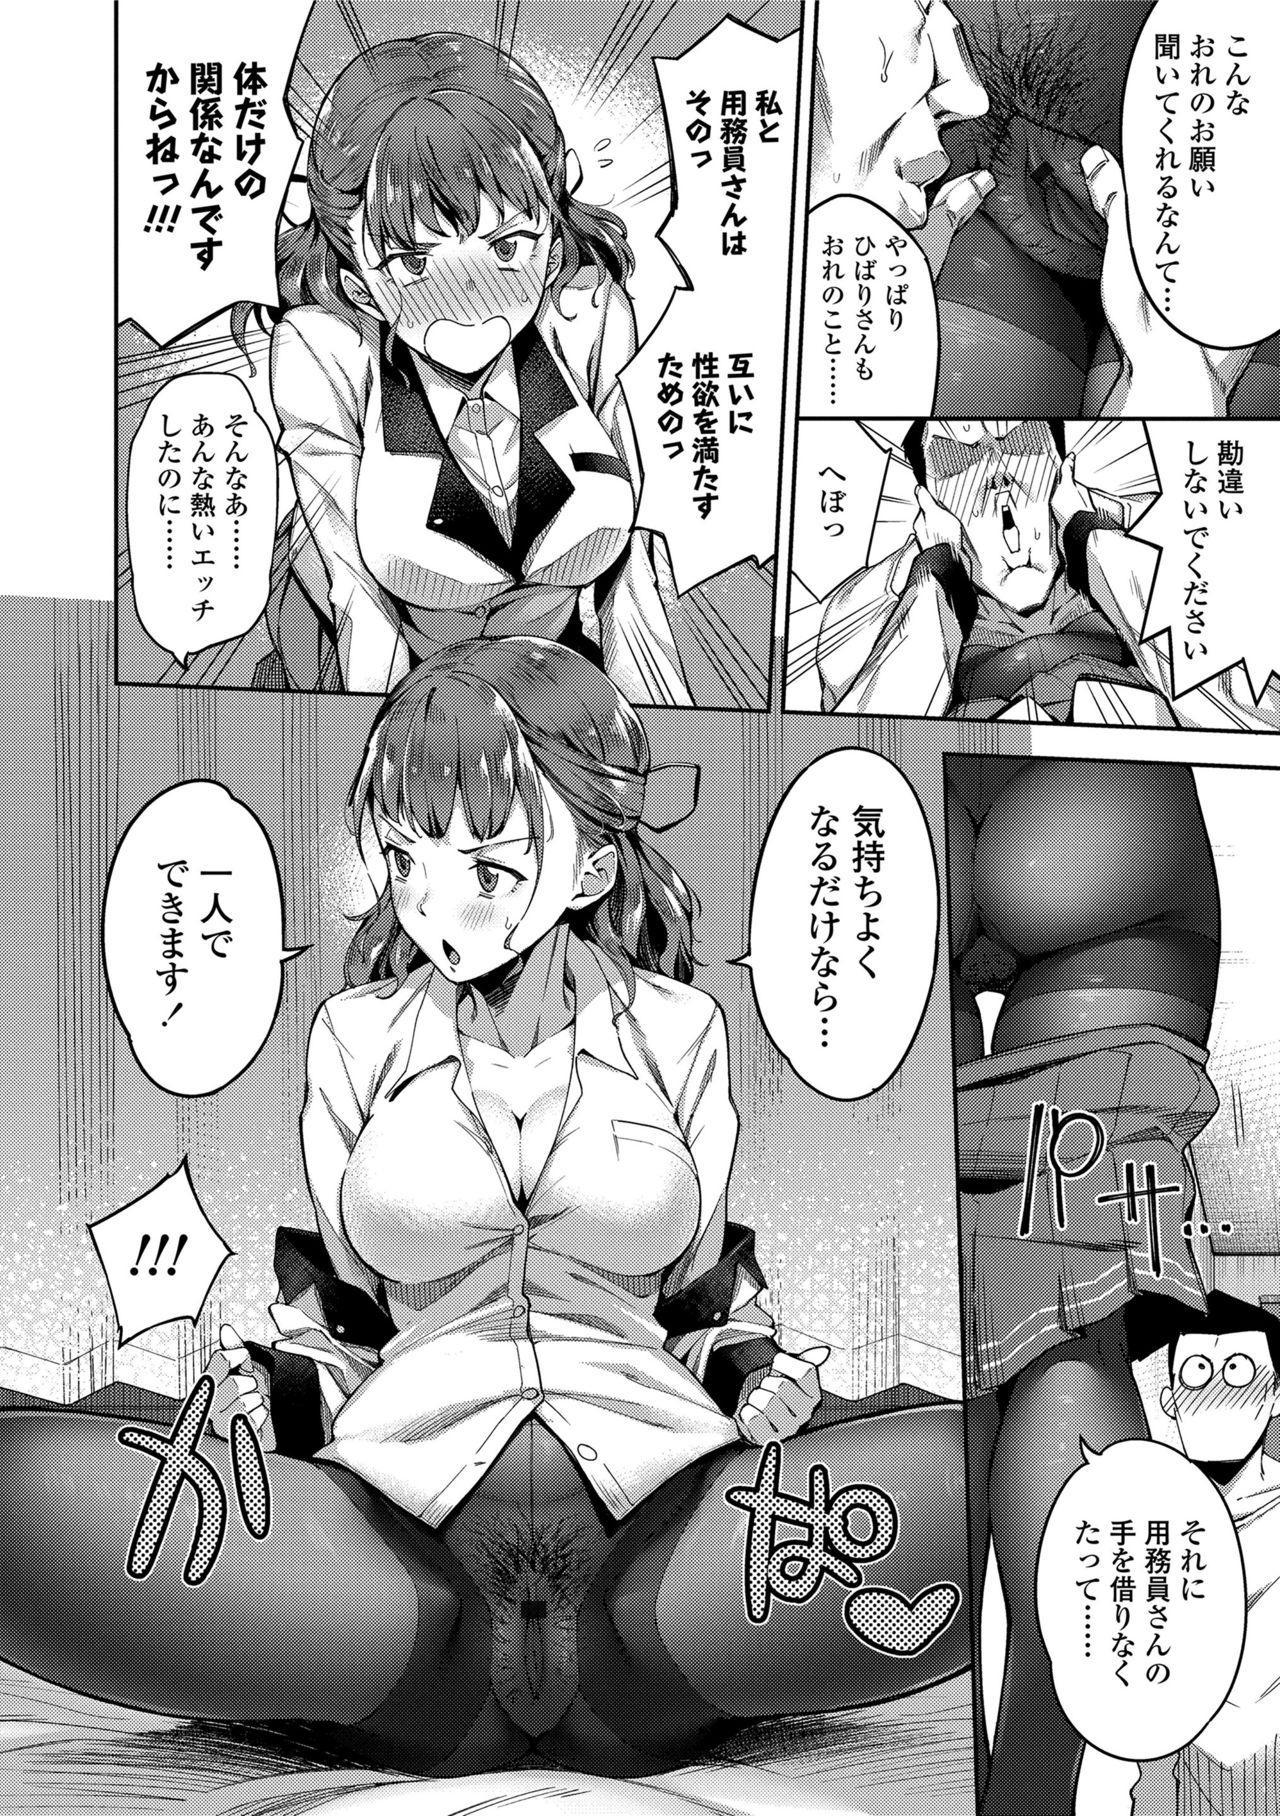 Ai ga Nakutemo Ecchi wa Dekiru! - Even if There is No Love You Can H! 25